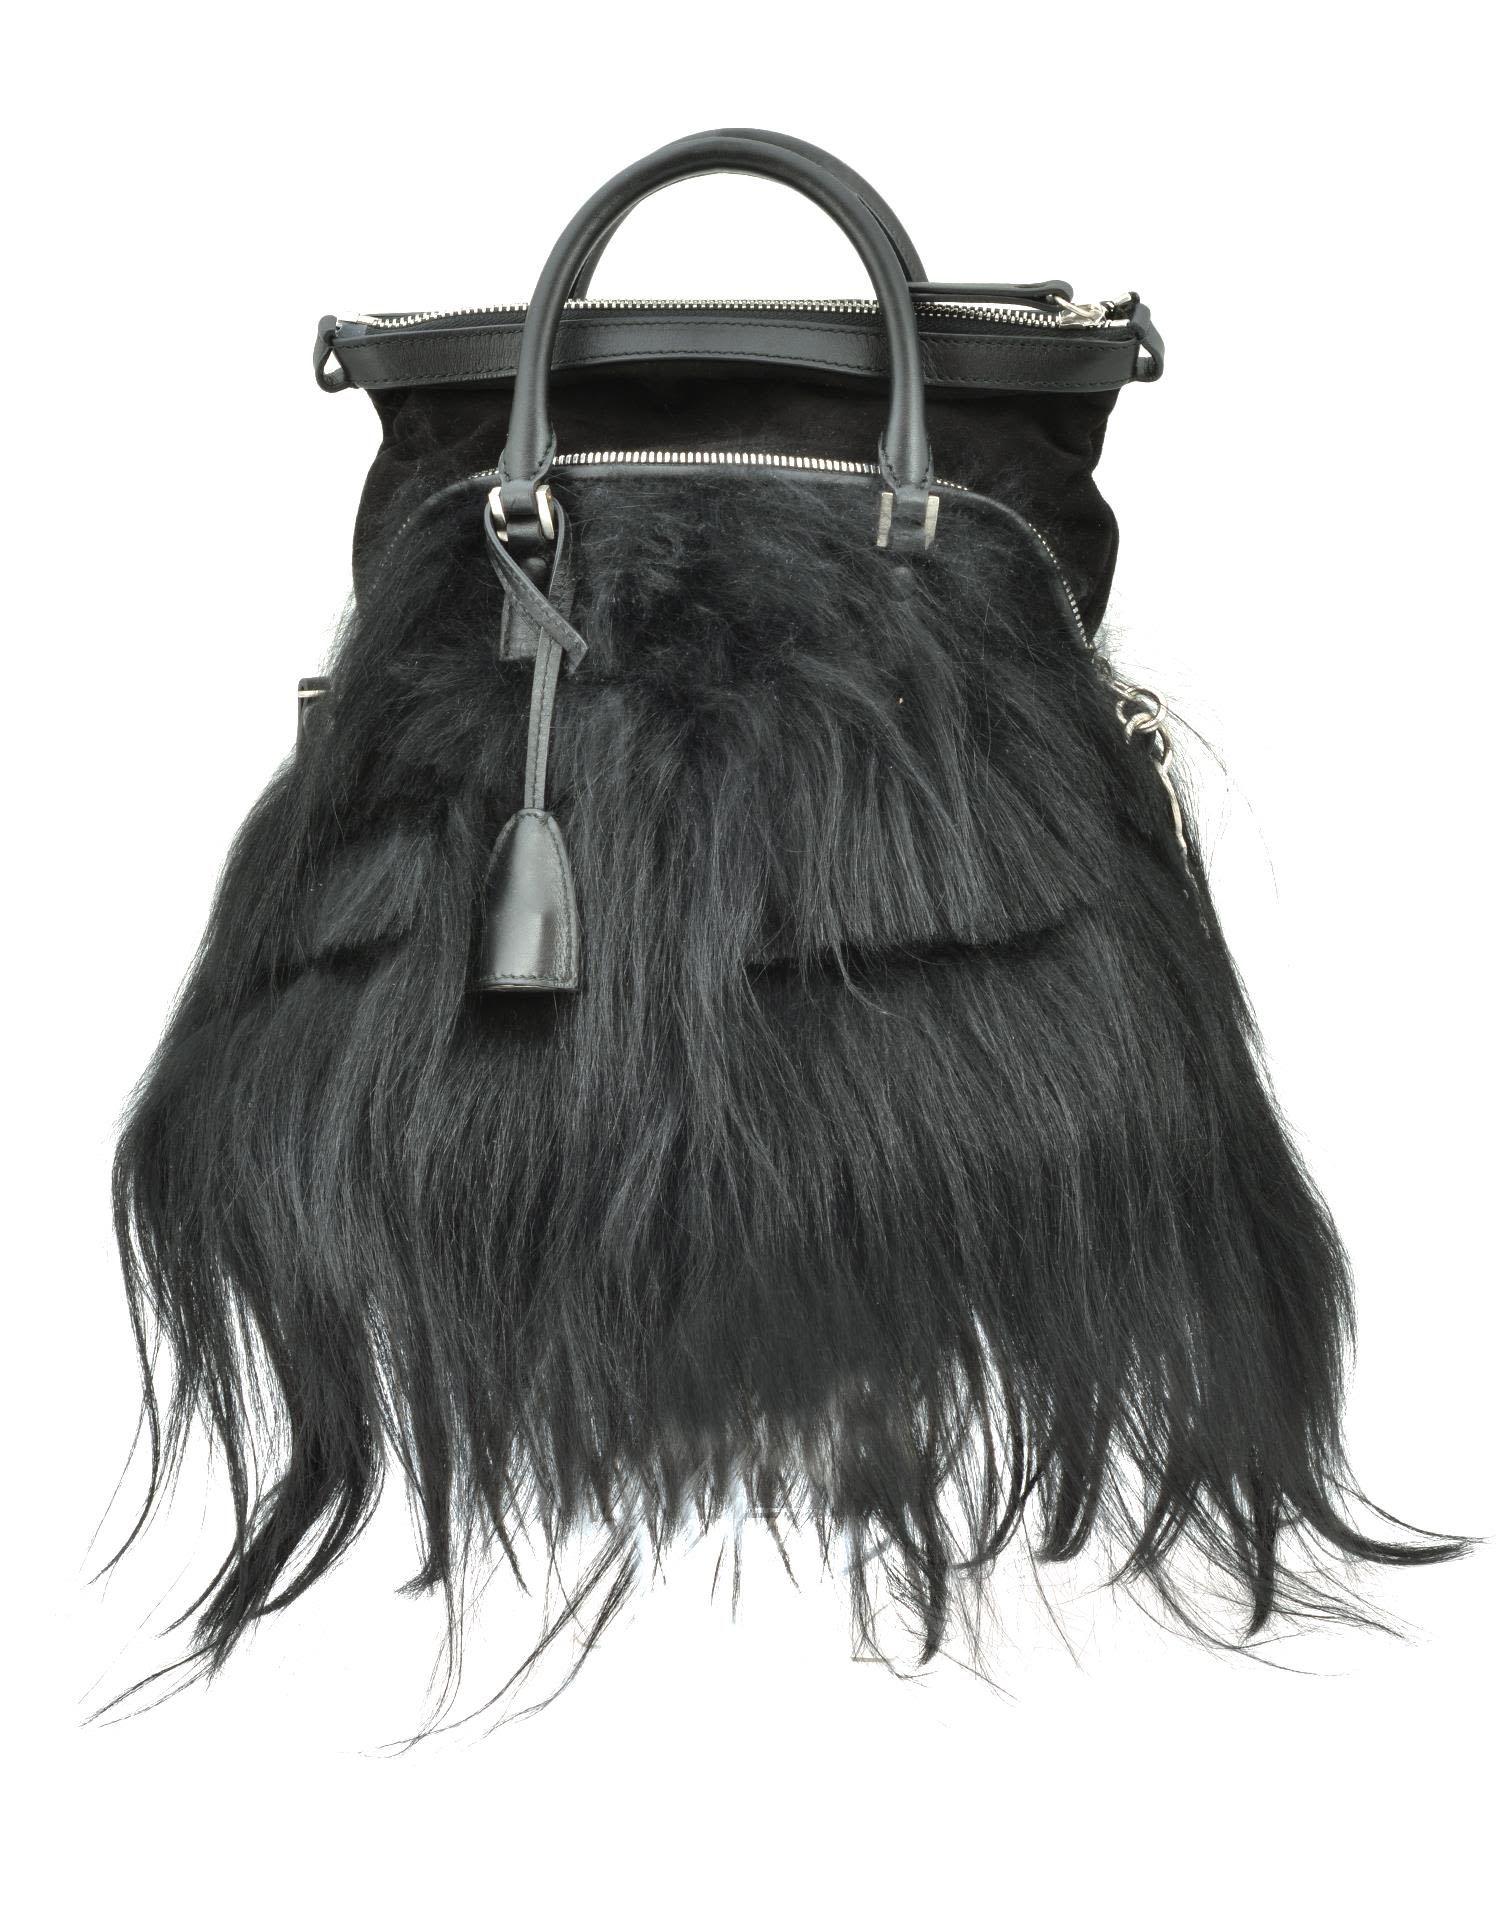 Maison Margiela Miniature 5ac In Goathair In Black Modesens Fur Bag Maison Margiela Fur